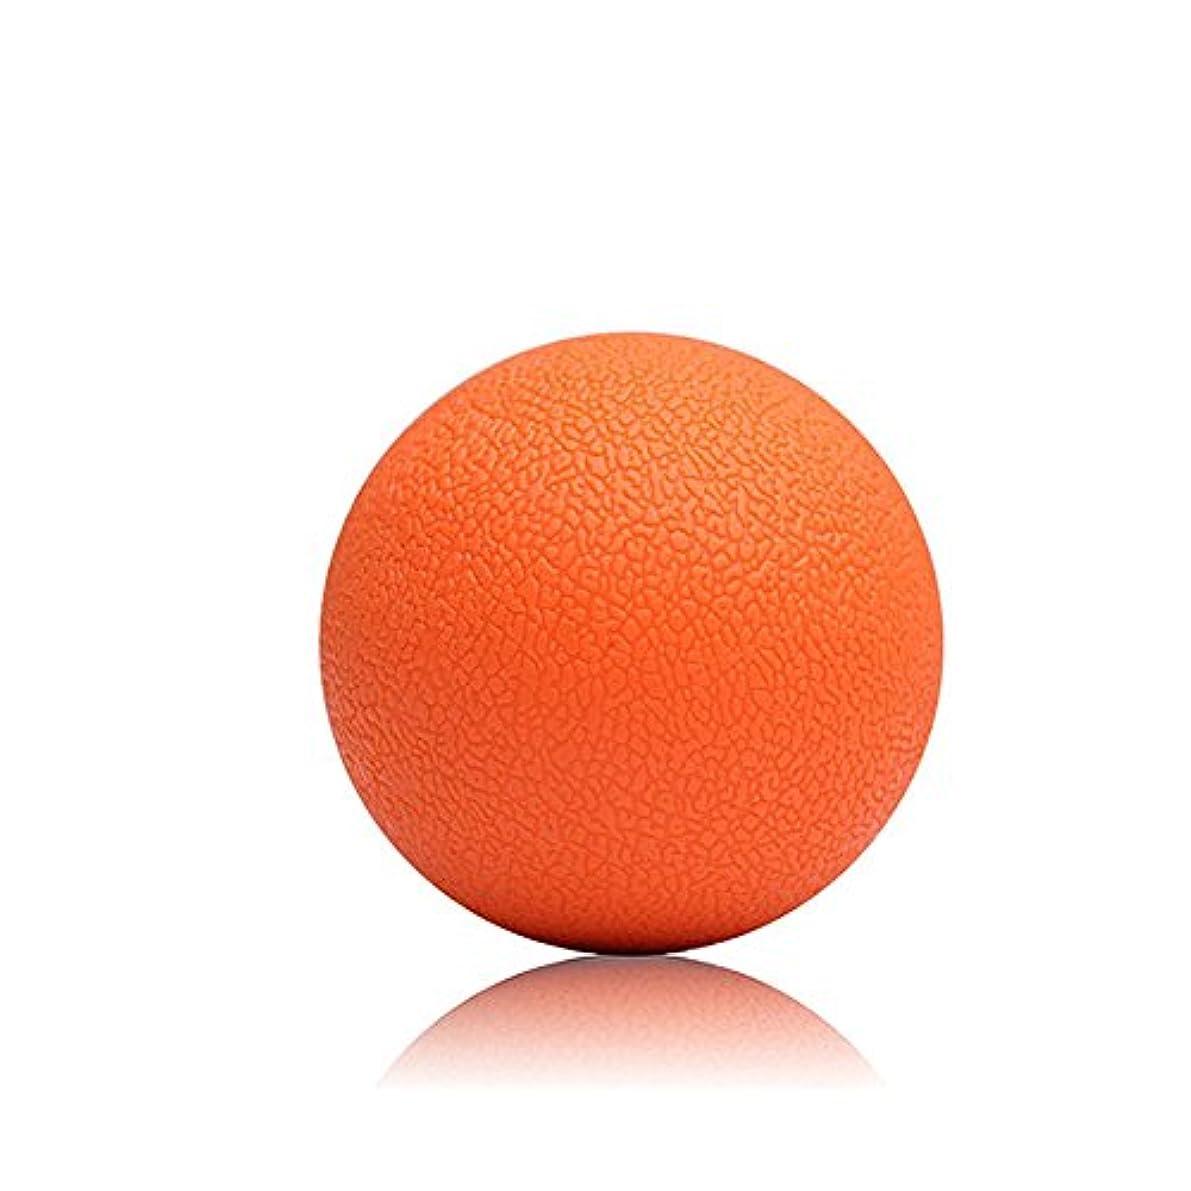 素敵なノイズ必需品マッサージボール 筋膜リリース 指圧ボール 足裏 ふくらはぎ ツボ押しグッズ 健康グッズ